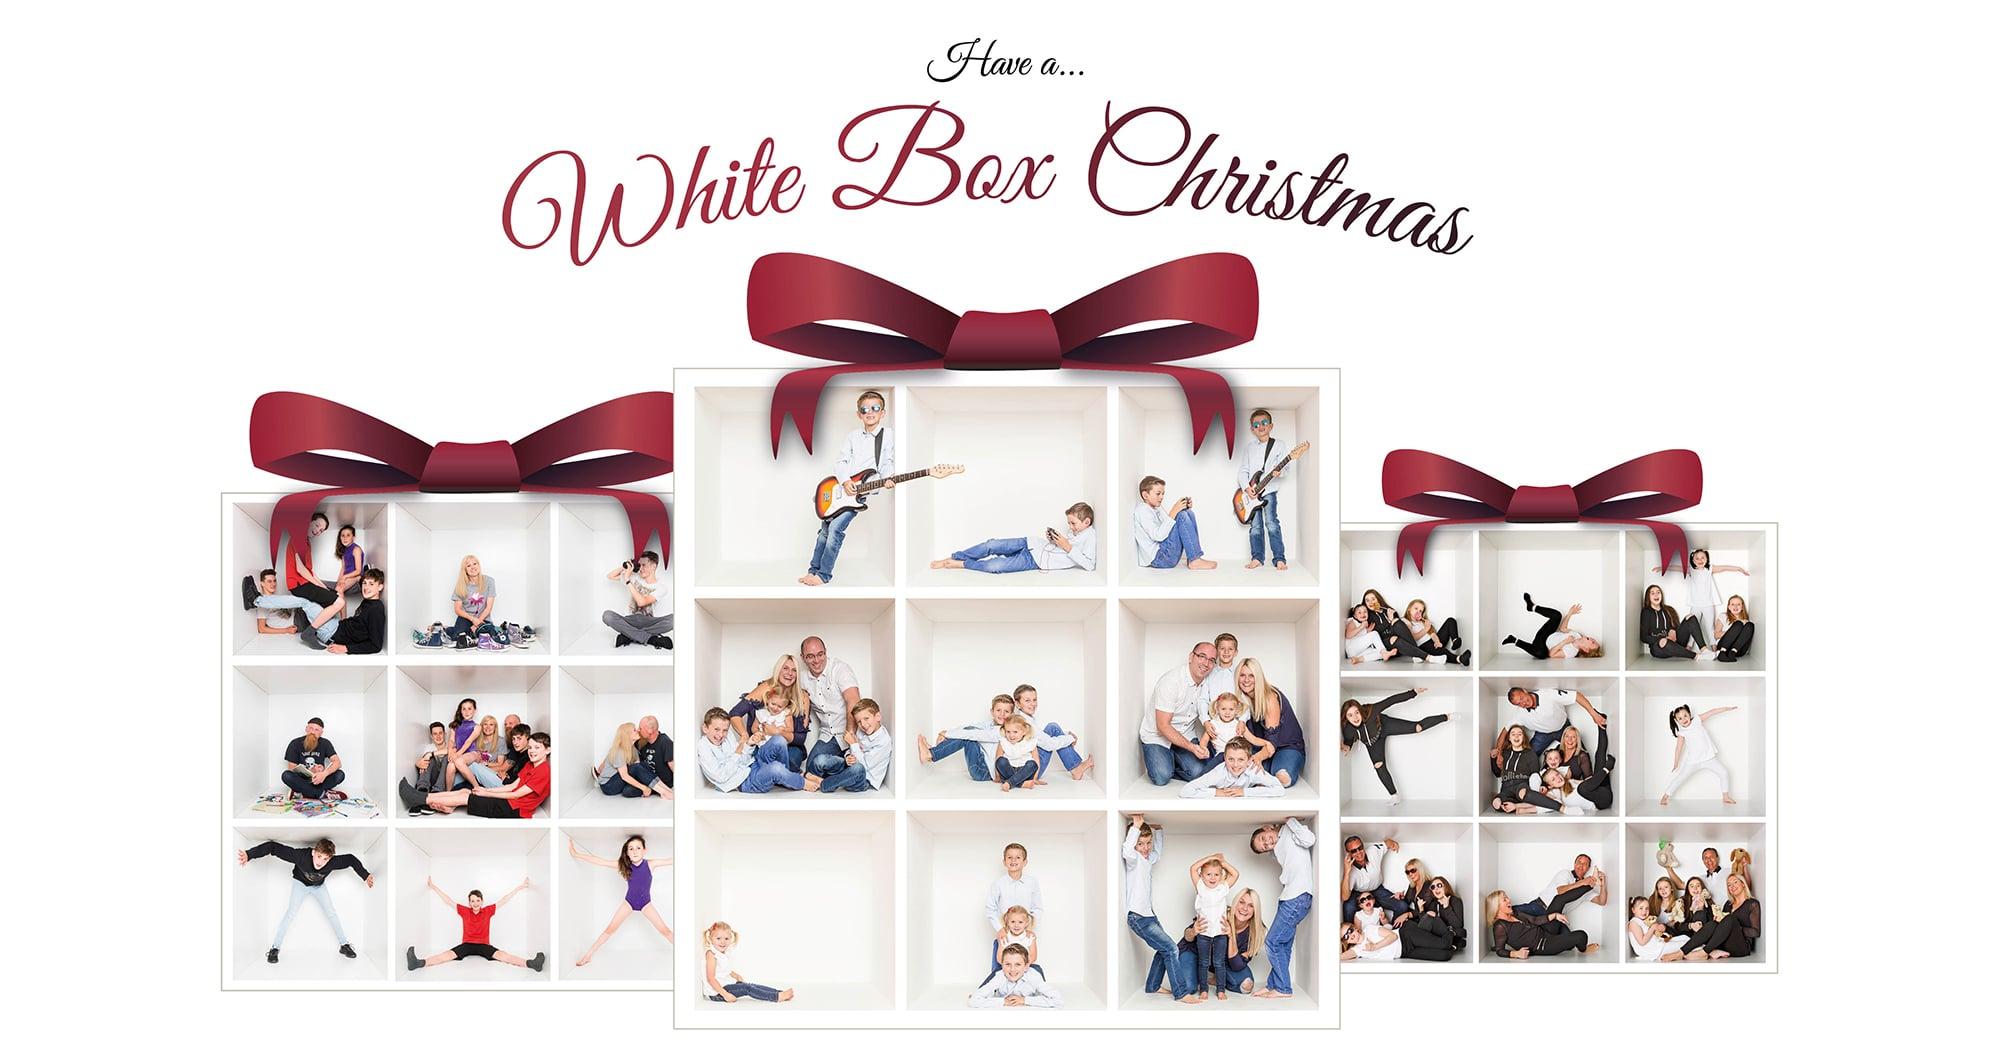 White Christmas Offer